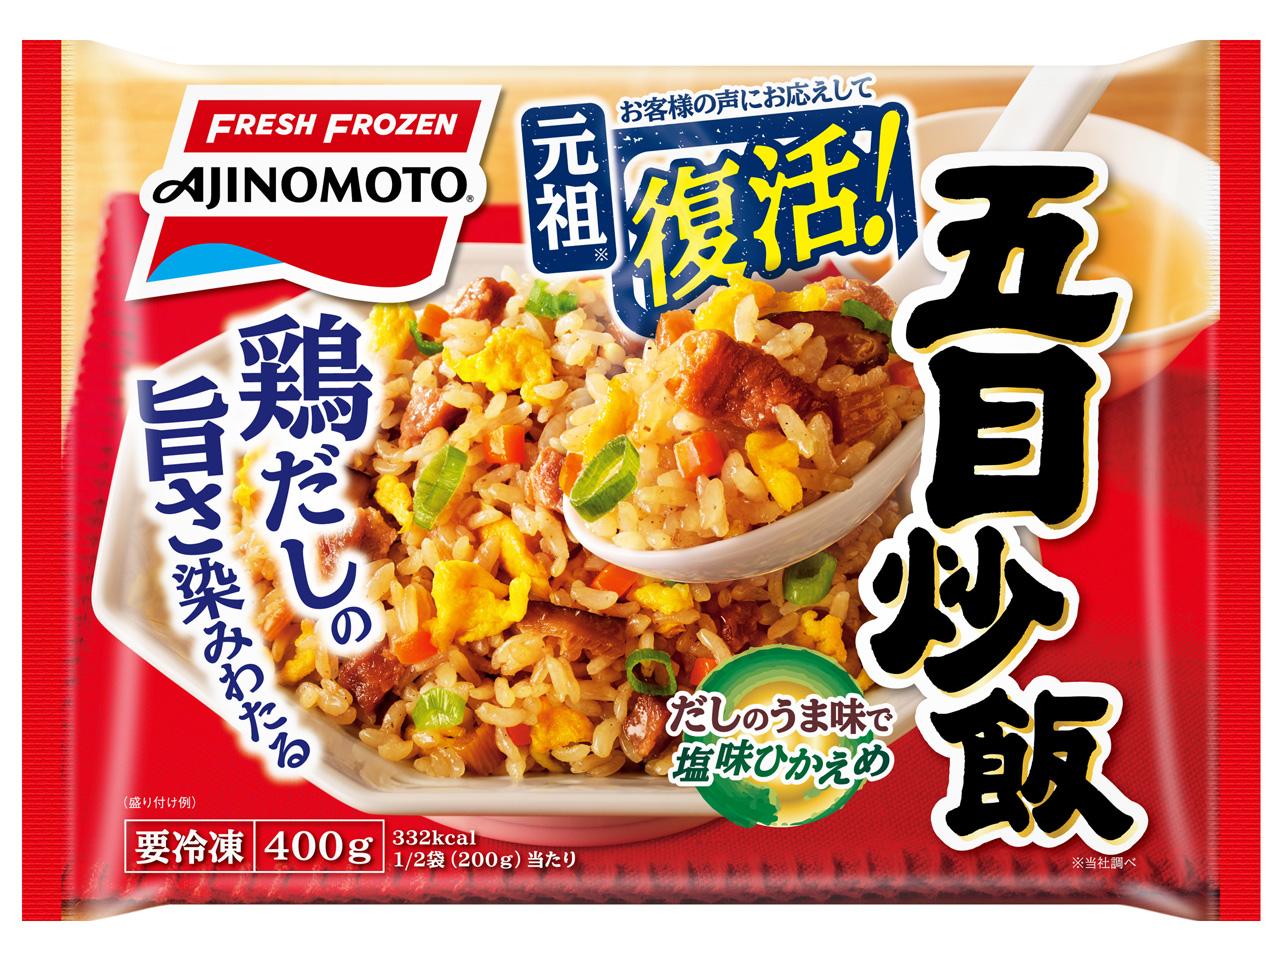 冷凍五目炒飯の元祖が「復活!」 マイルドでまろやかな旨(うま)炒飯です(味の素冷凍食品)